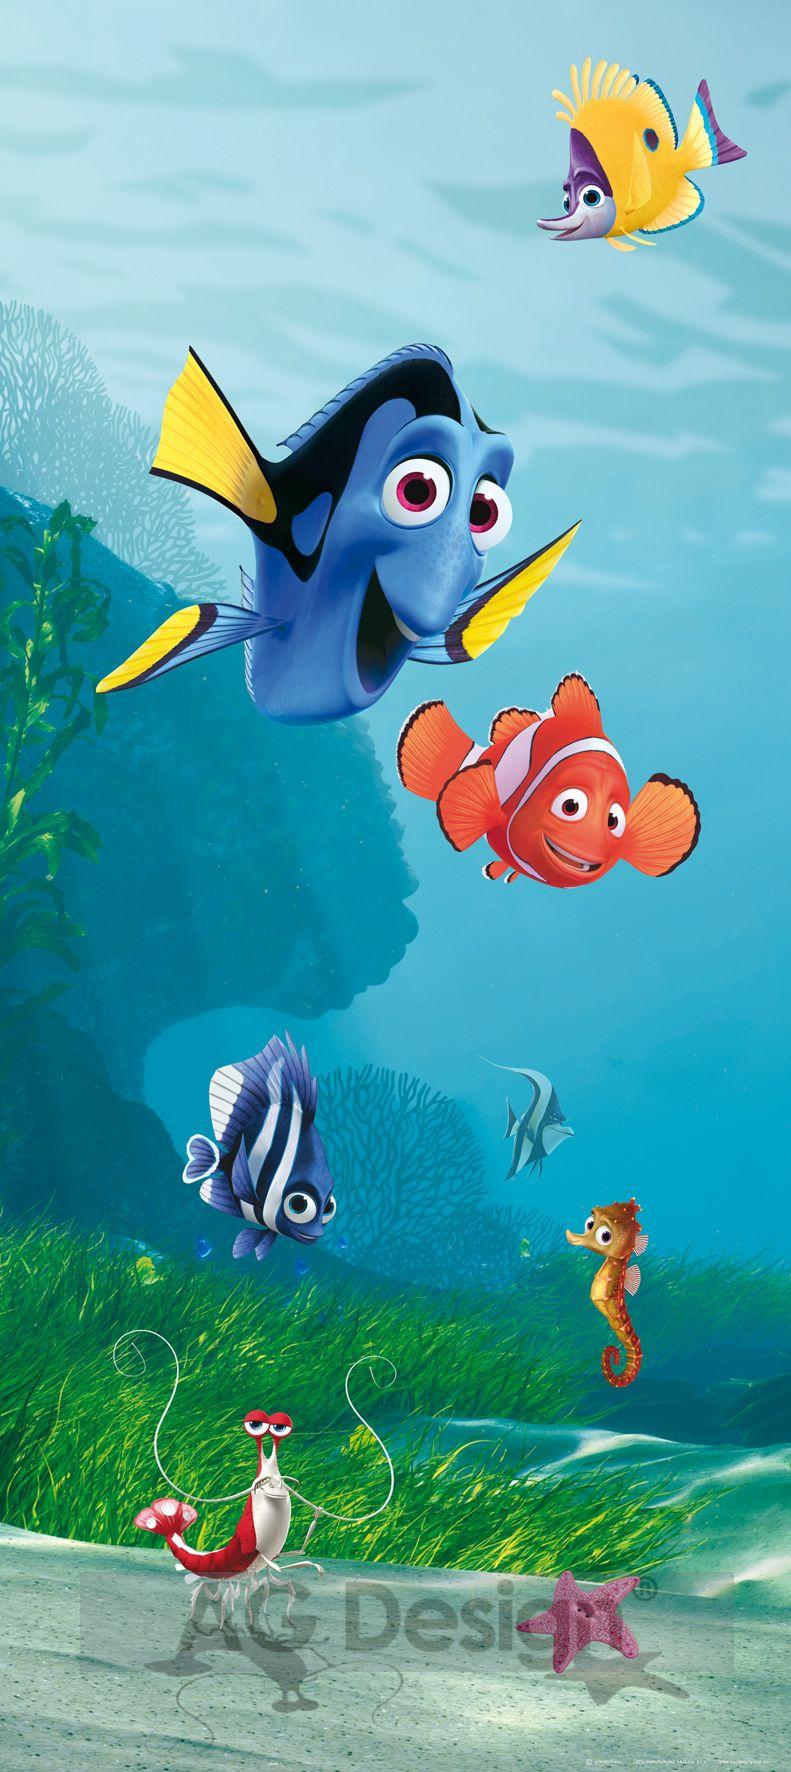 Fototapeta Hledá se Nemo FTDV1808